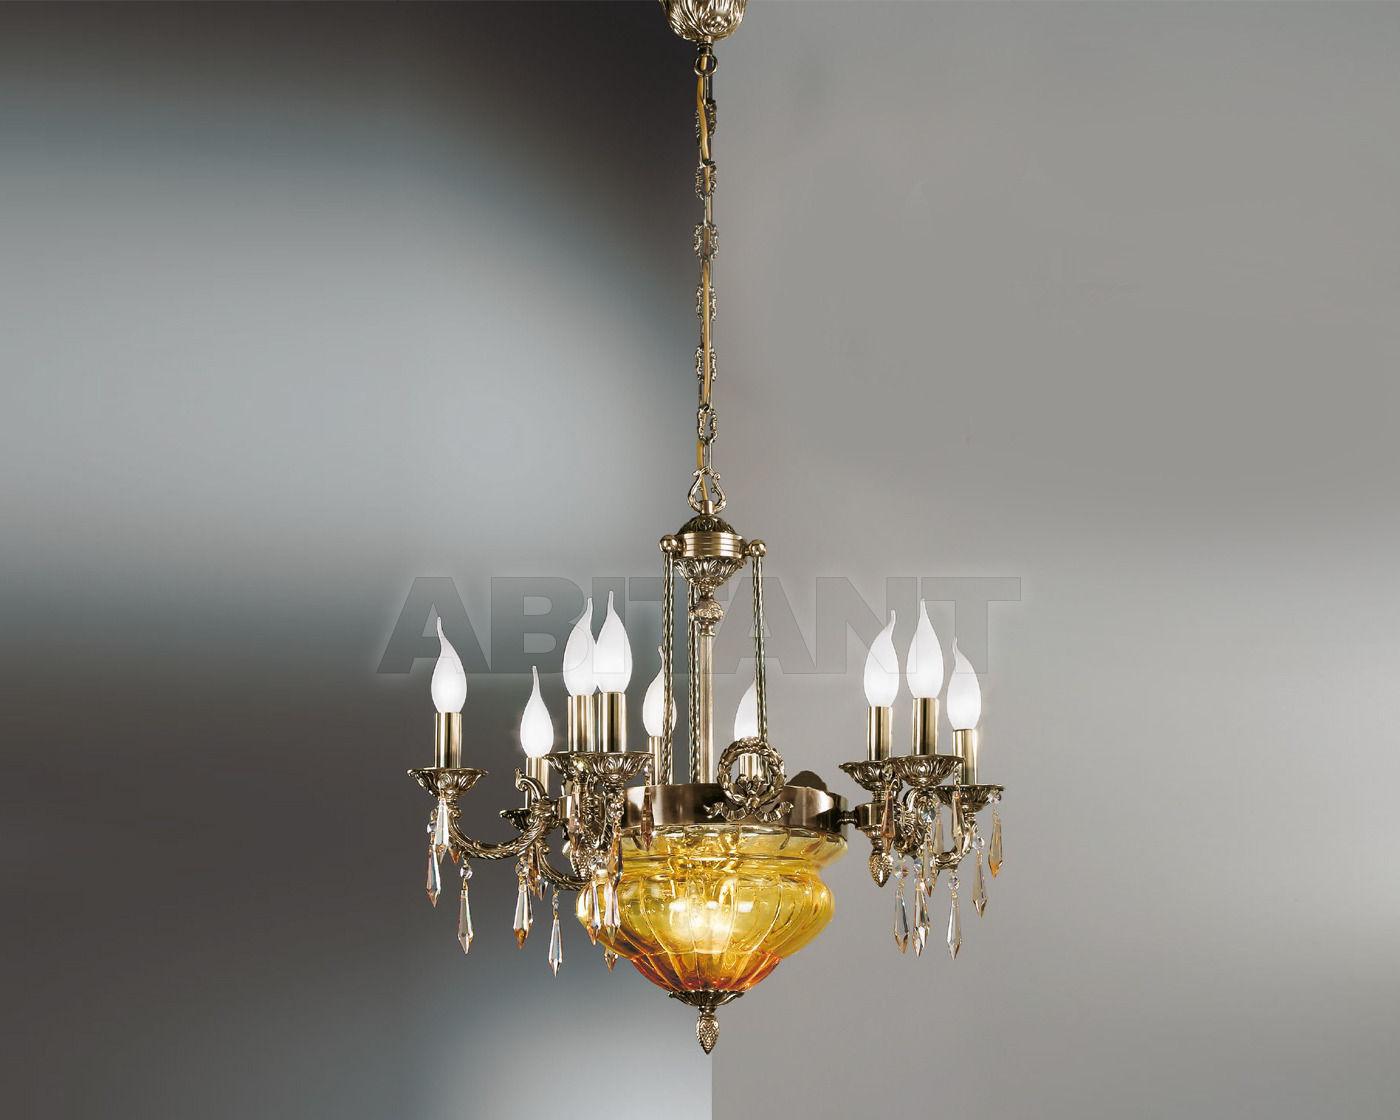 Купить Люстра Nervilamp Snc Nervilamp 2013 581/9+2